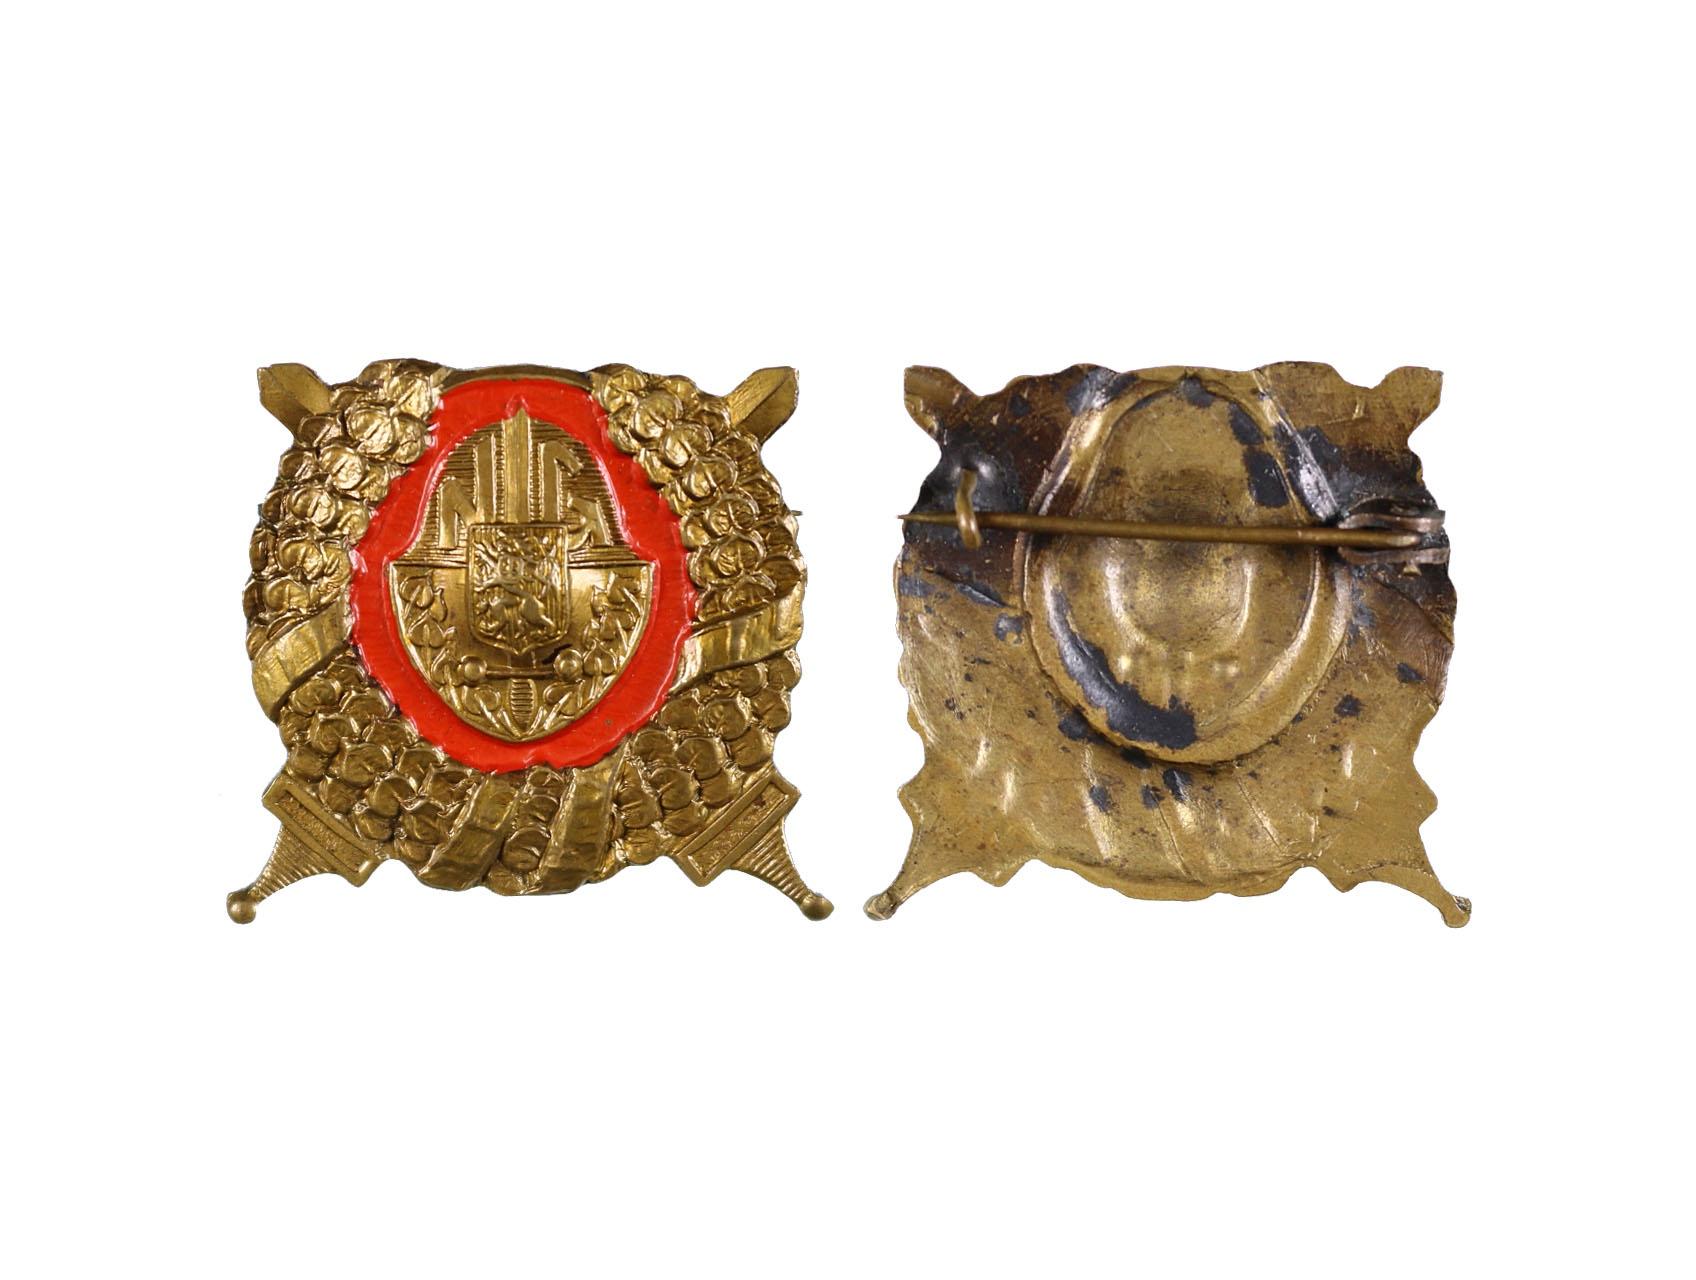 Odznak pro příslušníky historických jednotek při NG, bronz, lak, vodorovná připínací jehlice